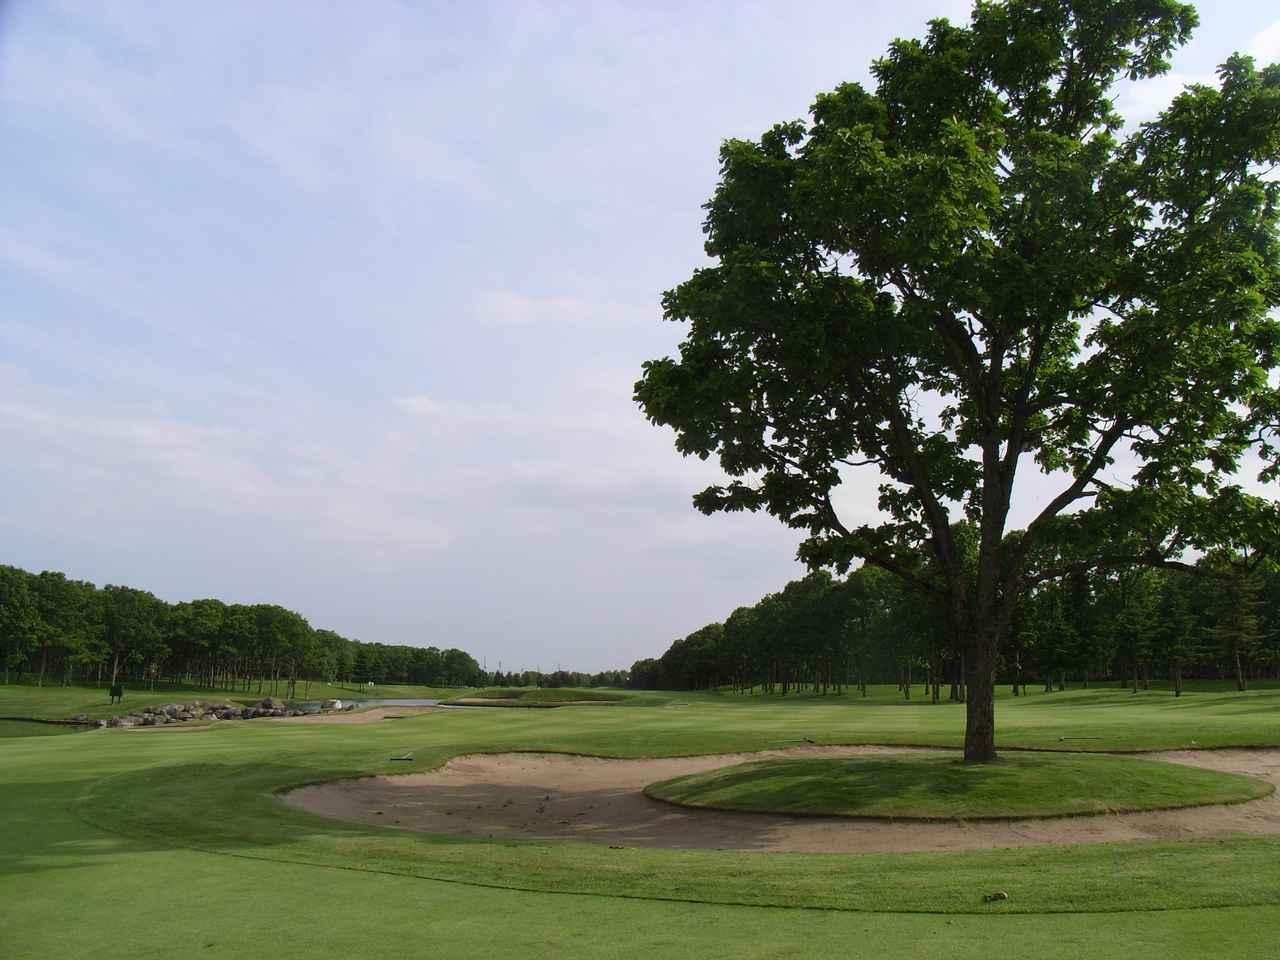 """画像: 【目指せゴルフの雑学王】ニクラスの戦略性をふんだんに味わえる""""北海道クラシックゴルフクラブ"""" - みんなのゴルフダイジェスト"""